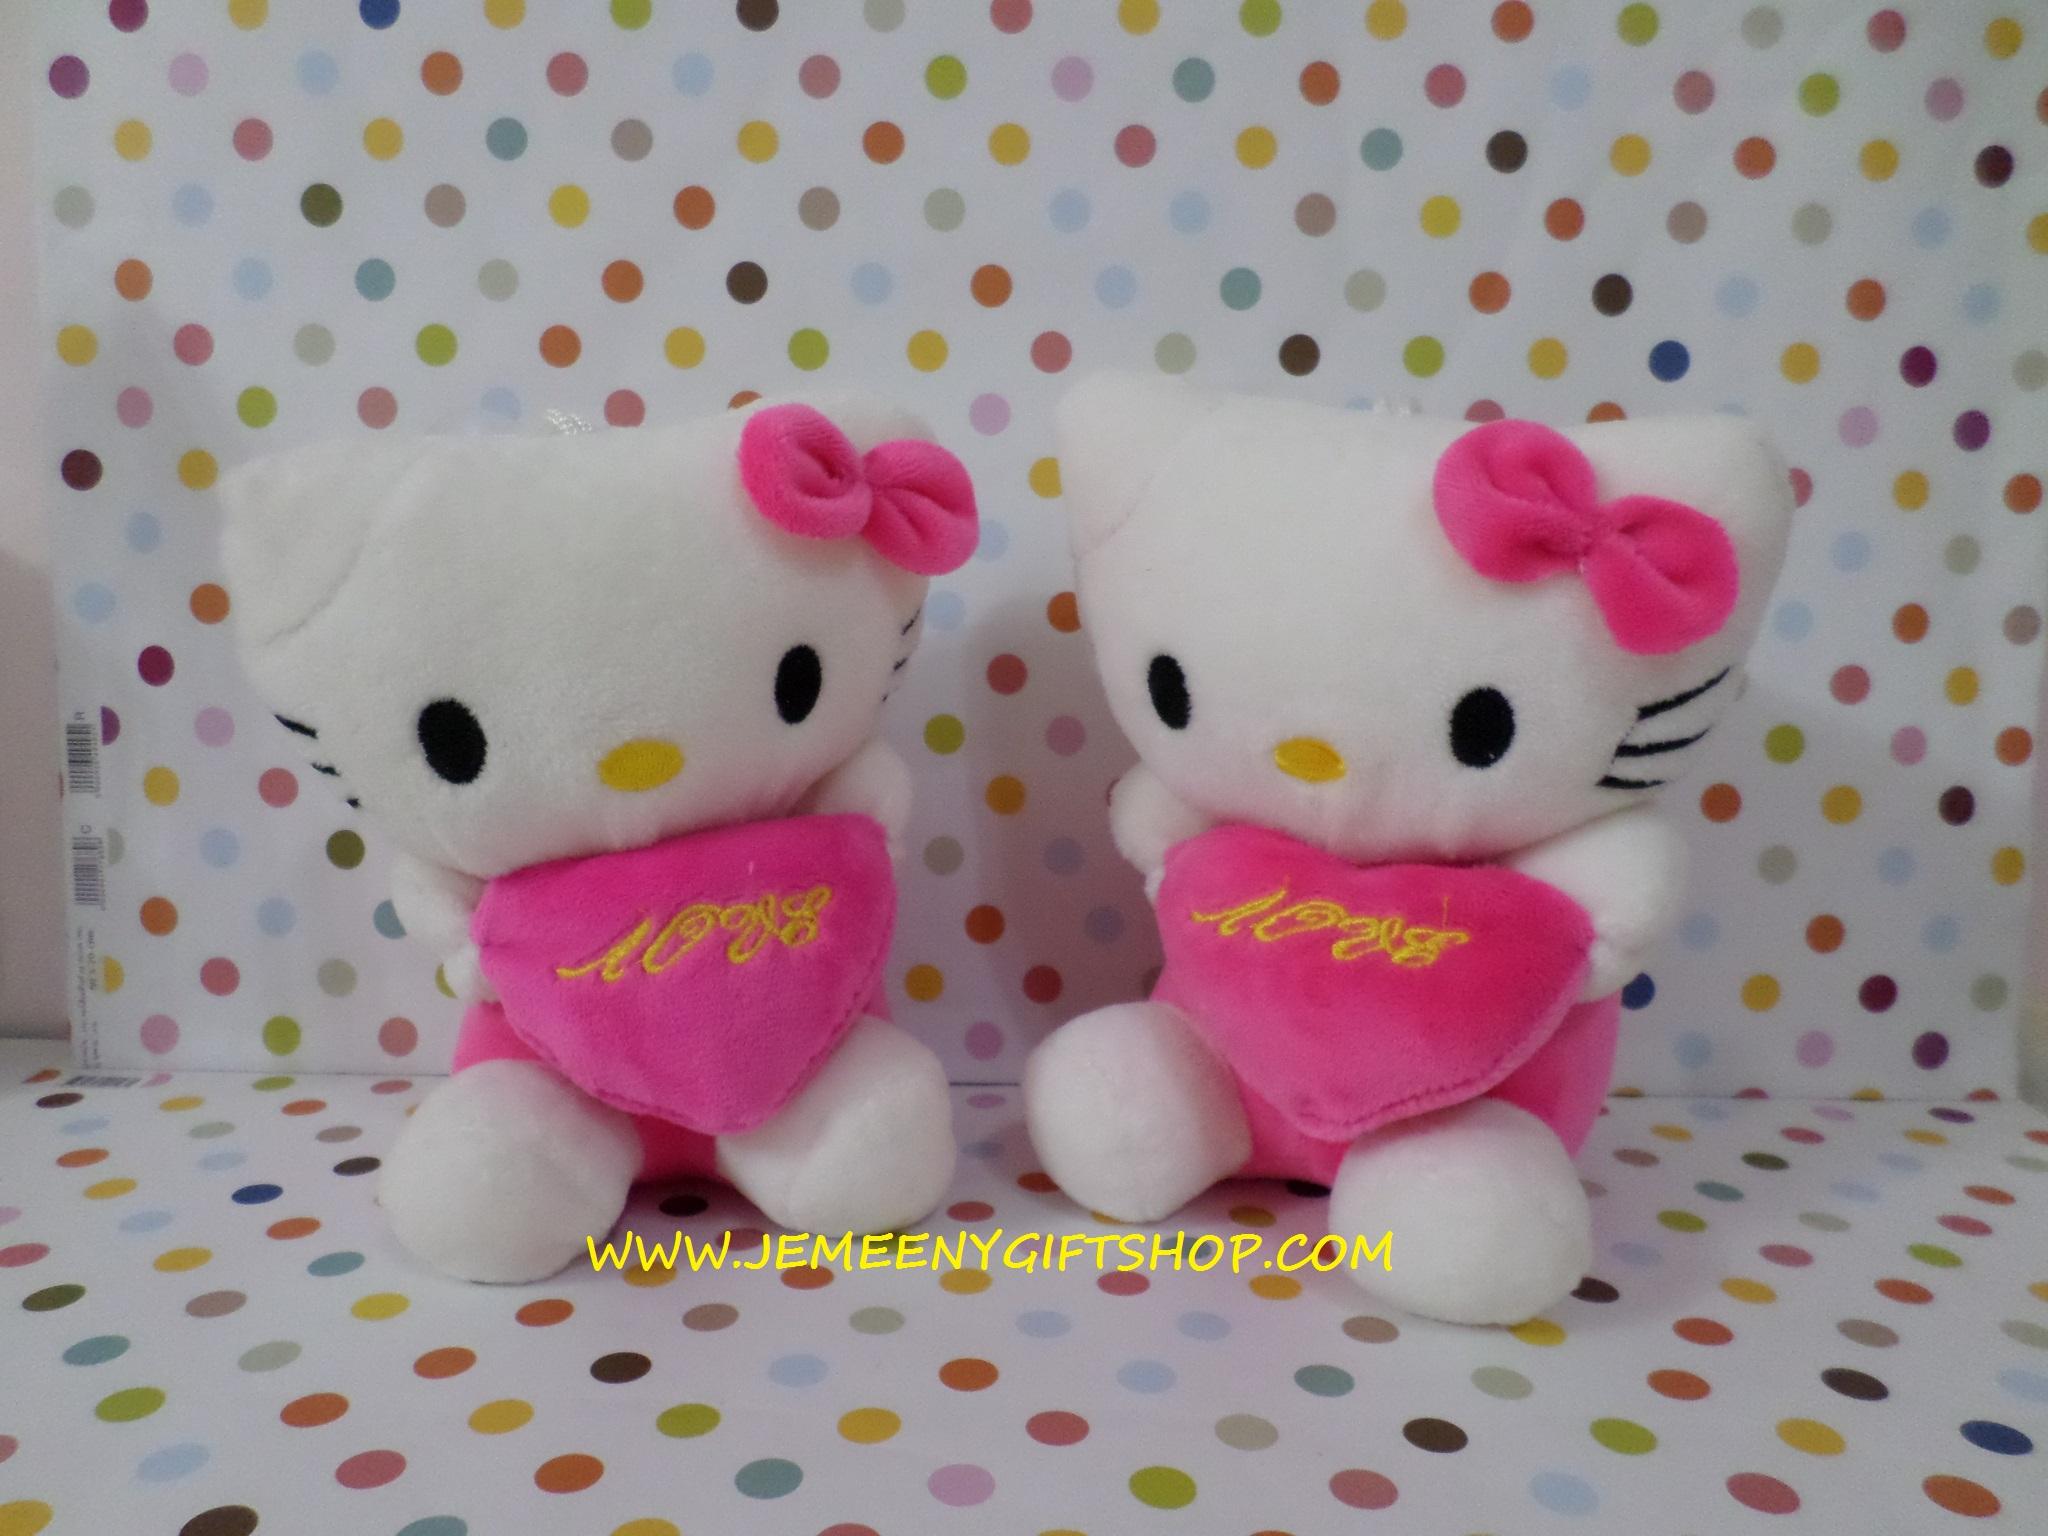 ตุ๊กตาฮัลโหลคิตตี้ Hello kitty#2 ขนาดสูง 18 cm (7.2 นิ้ว) ราคาต่อคู่